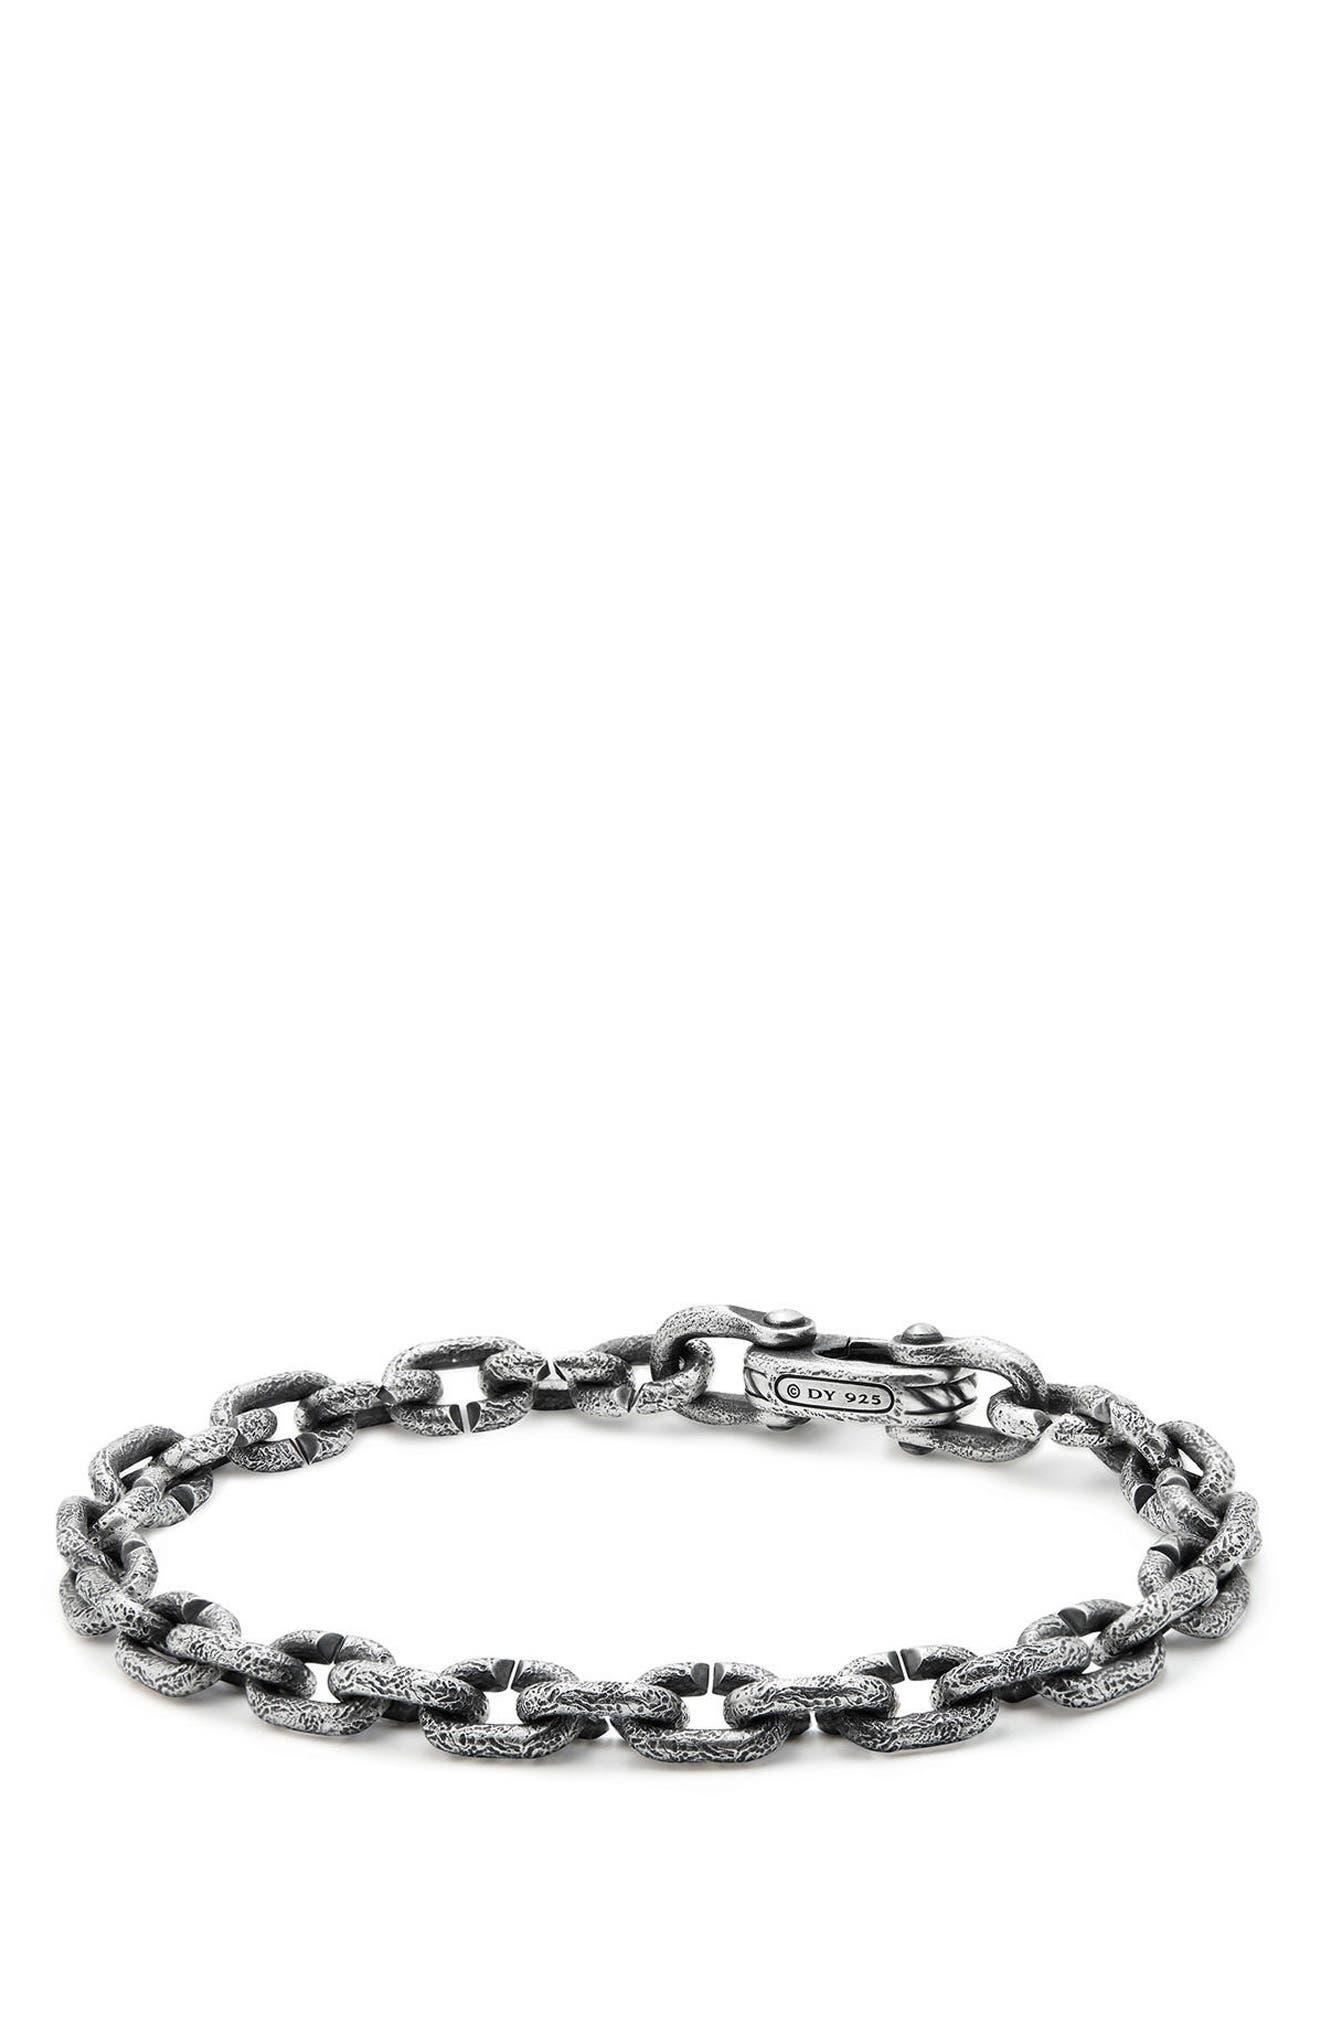 DAVID YURMAN, Shipwreck Chain Bracelet, 6mm, Main thumbnail 1, color, SILVER